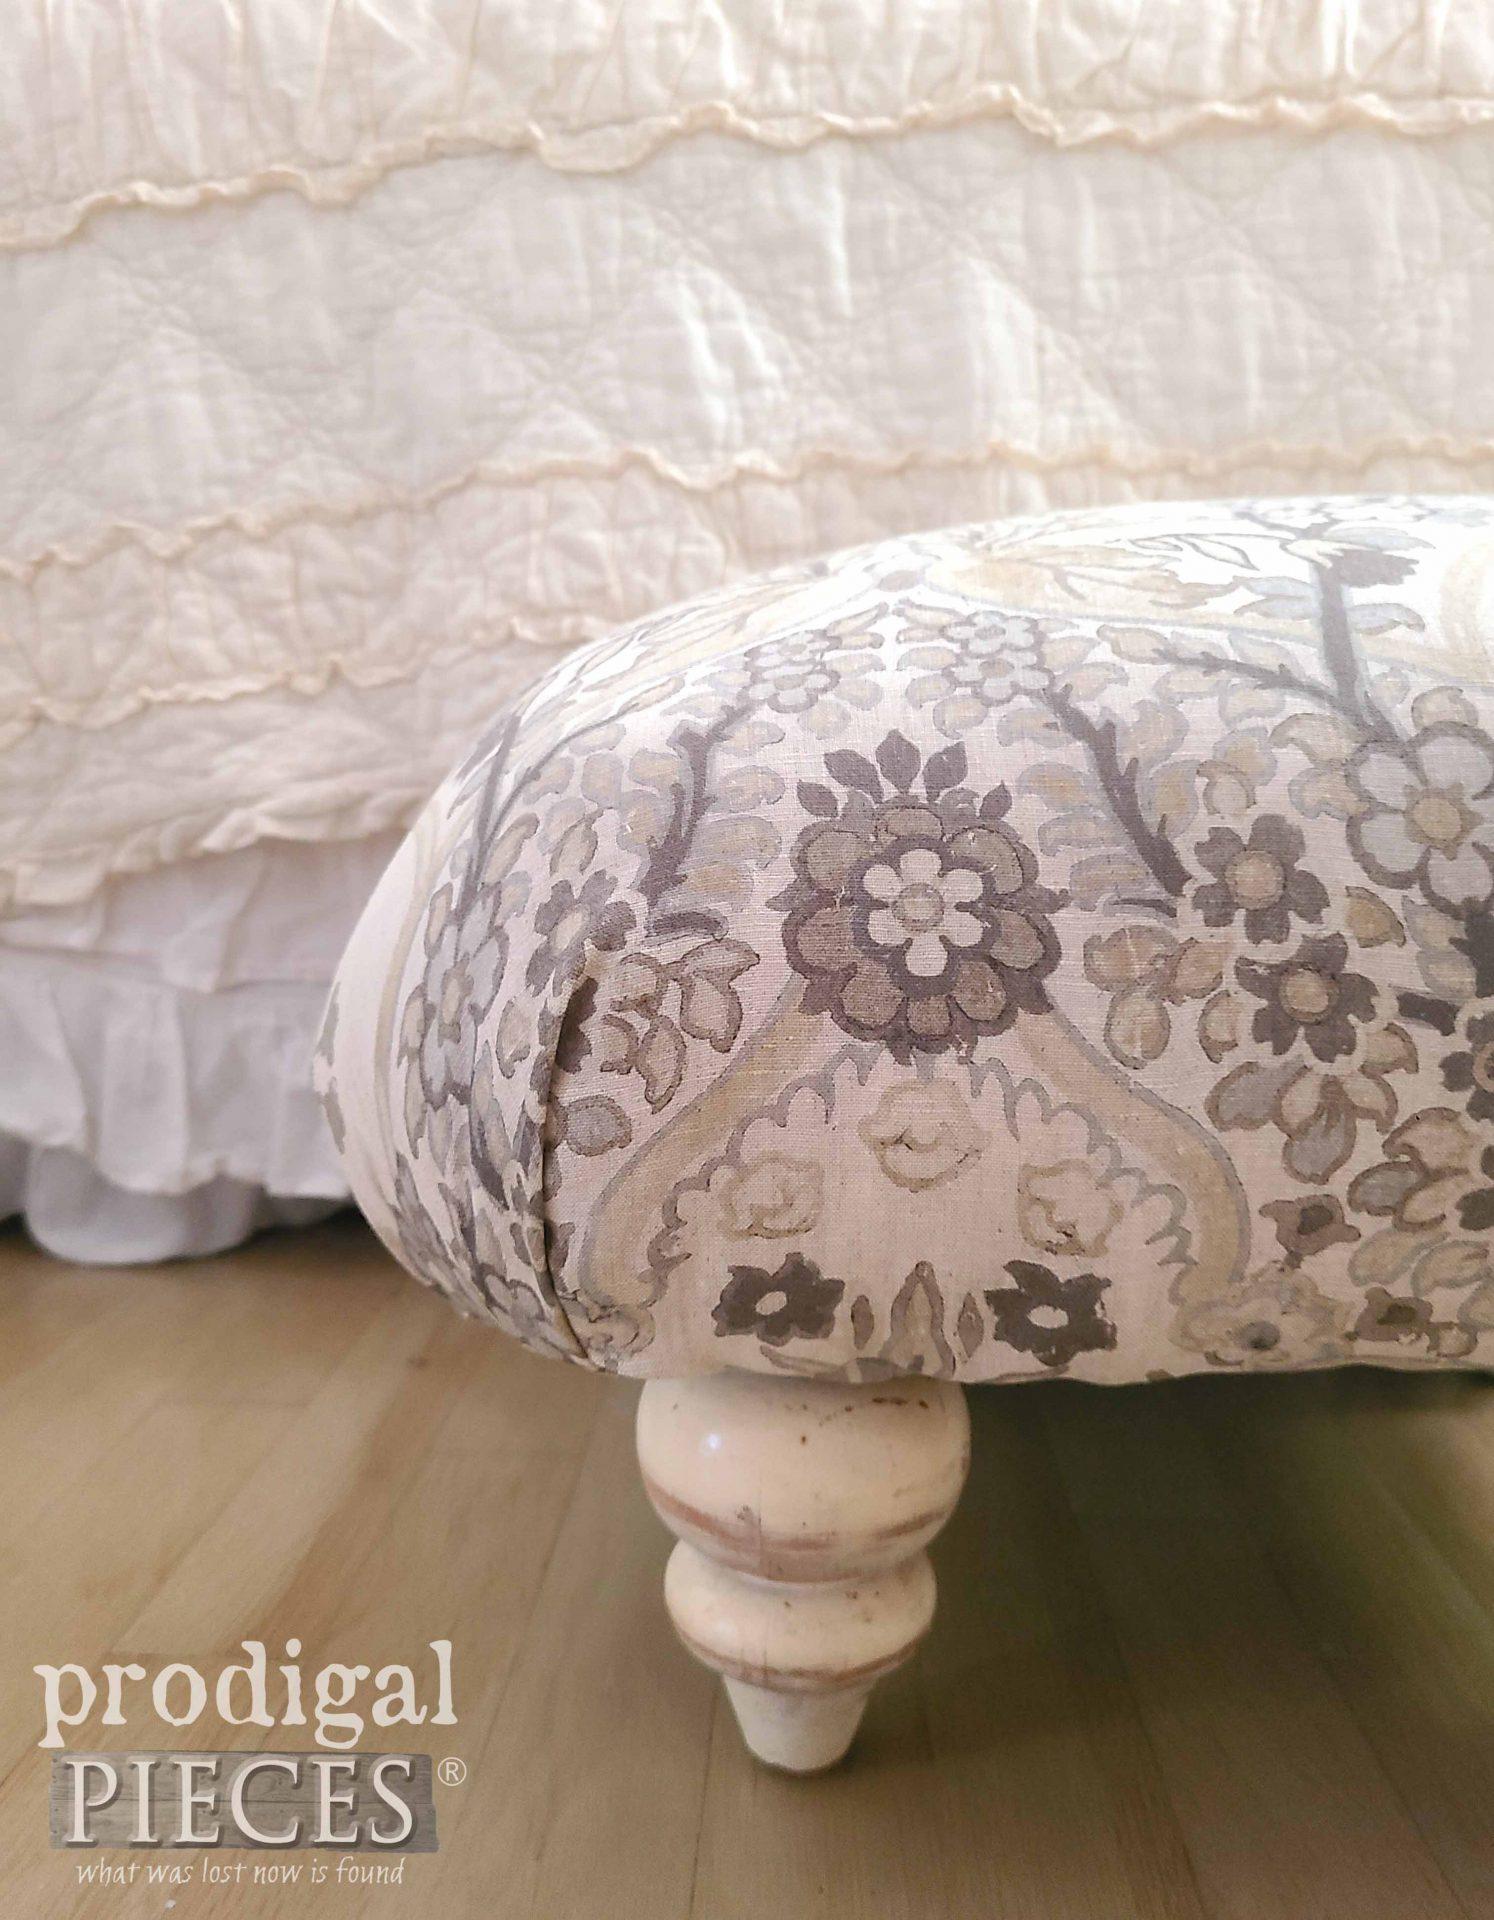 Upholstered Linen Ottoman Handmade by Larissa of Prodigal Pieces | prodigalpieces.com #prodigalpieces #handmade #furniture #home #homedecor